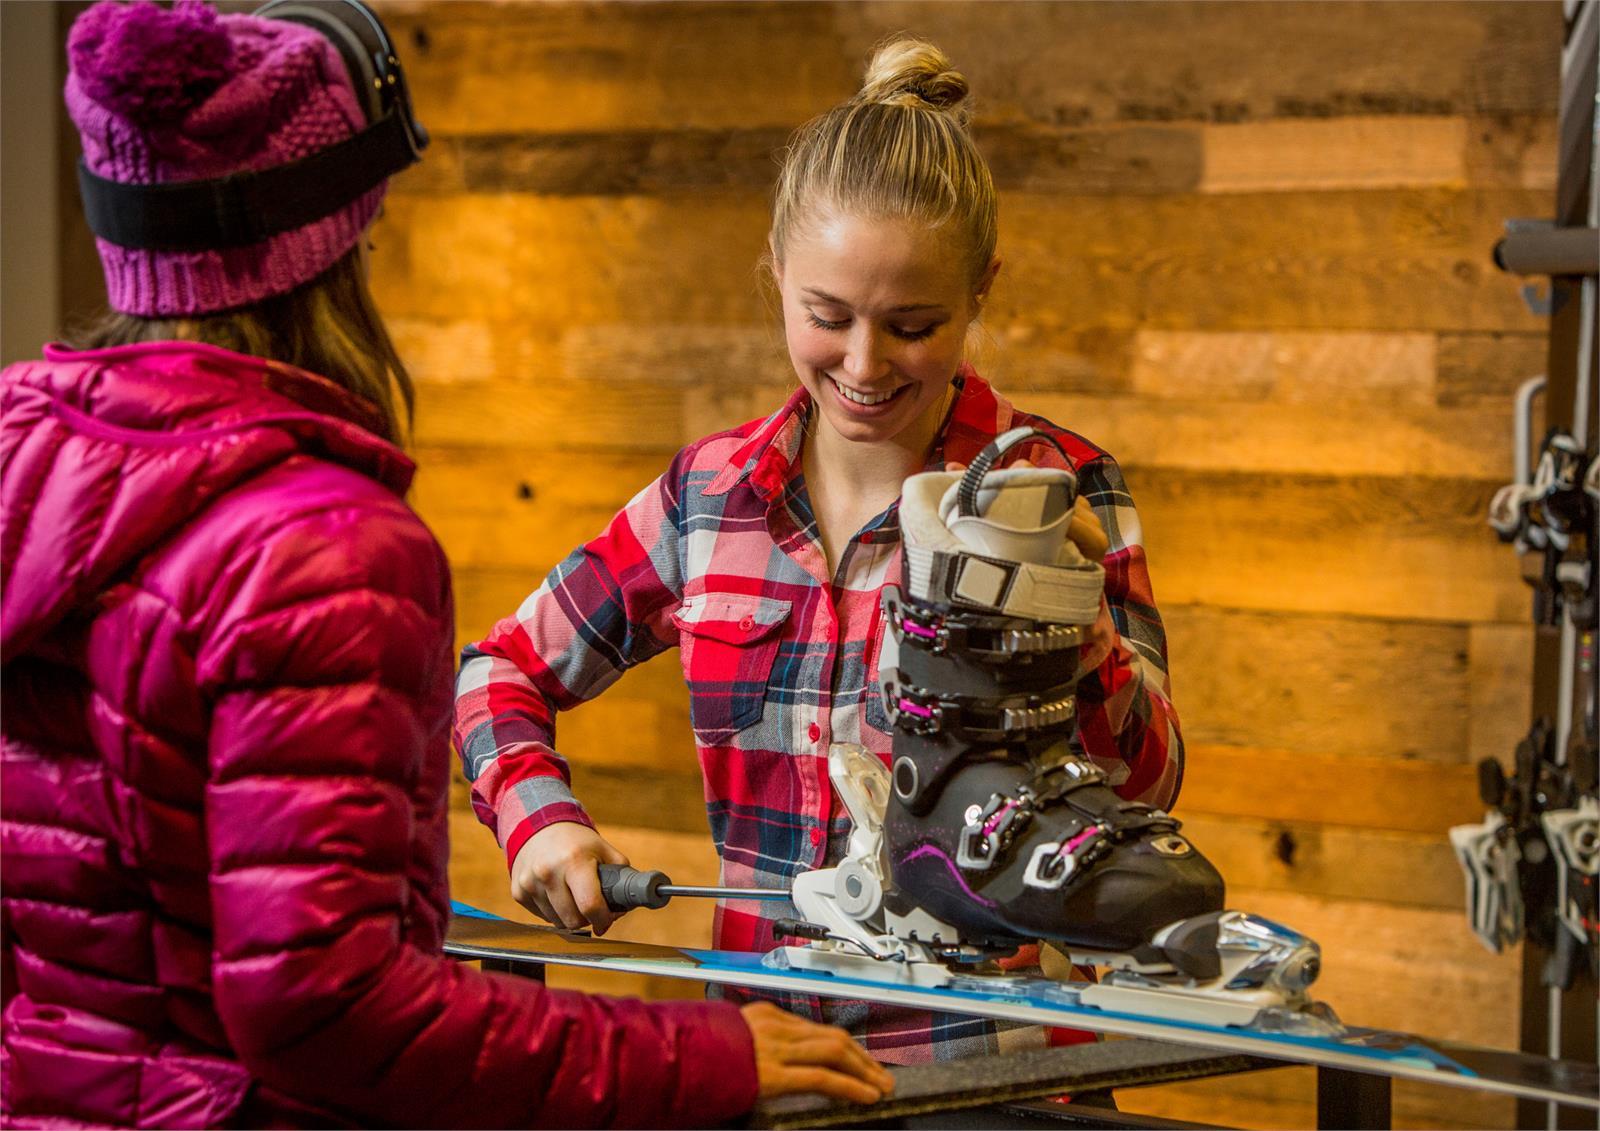 Skiservice und Tourenski Verleih beim Bergspezl in Puch   ©Canva